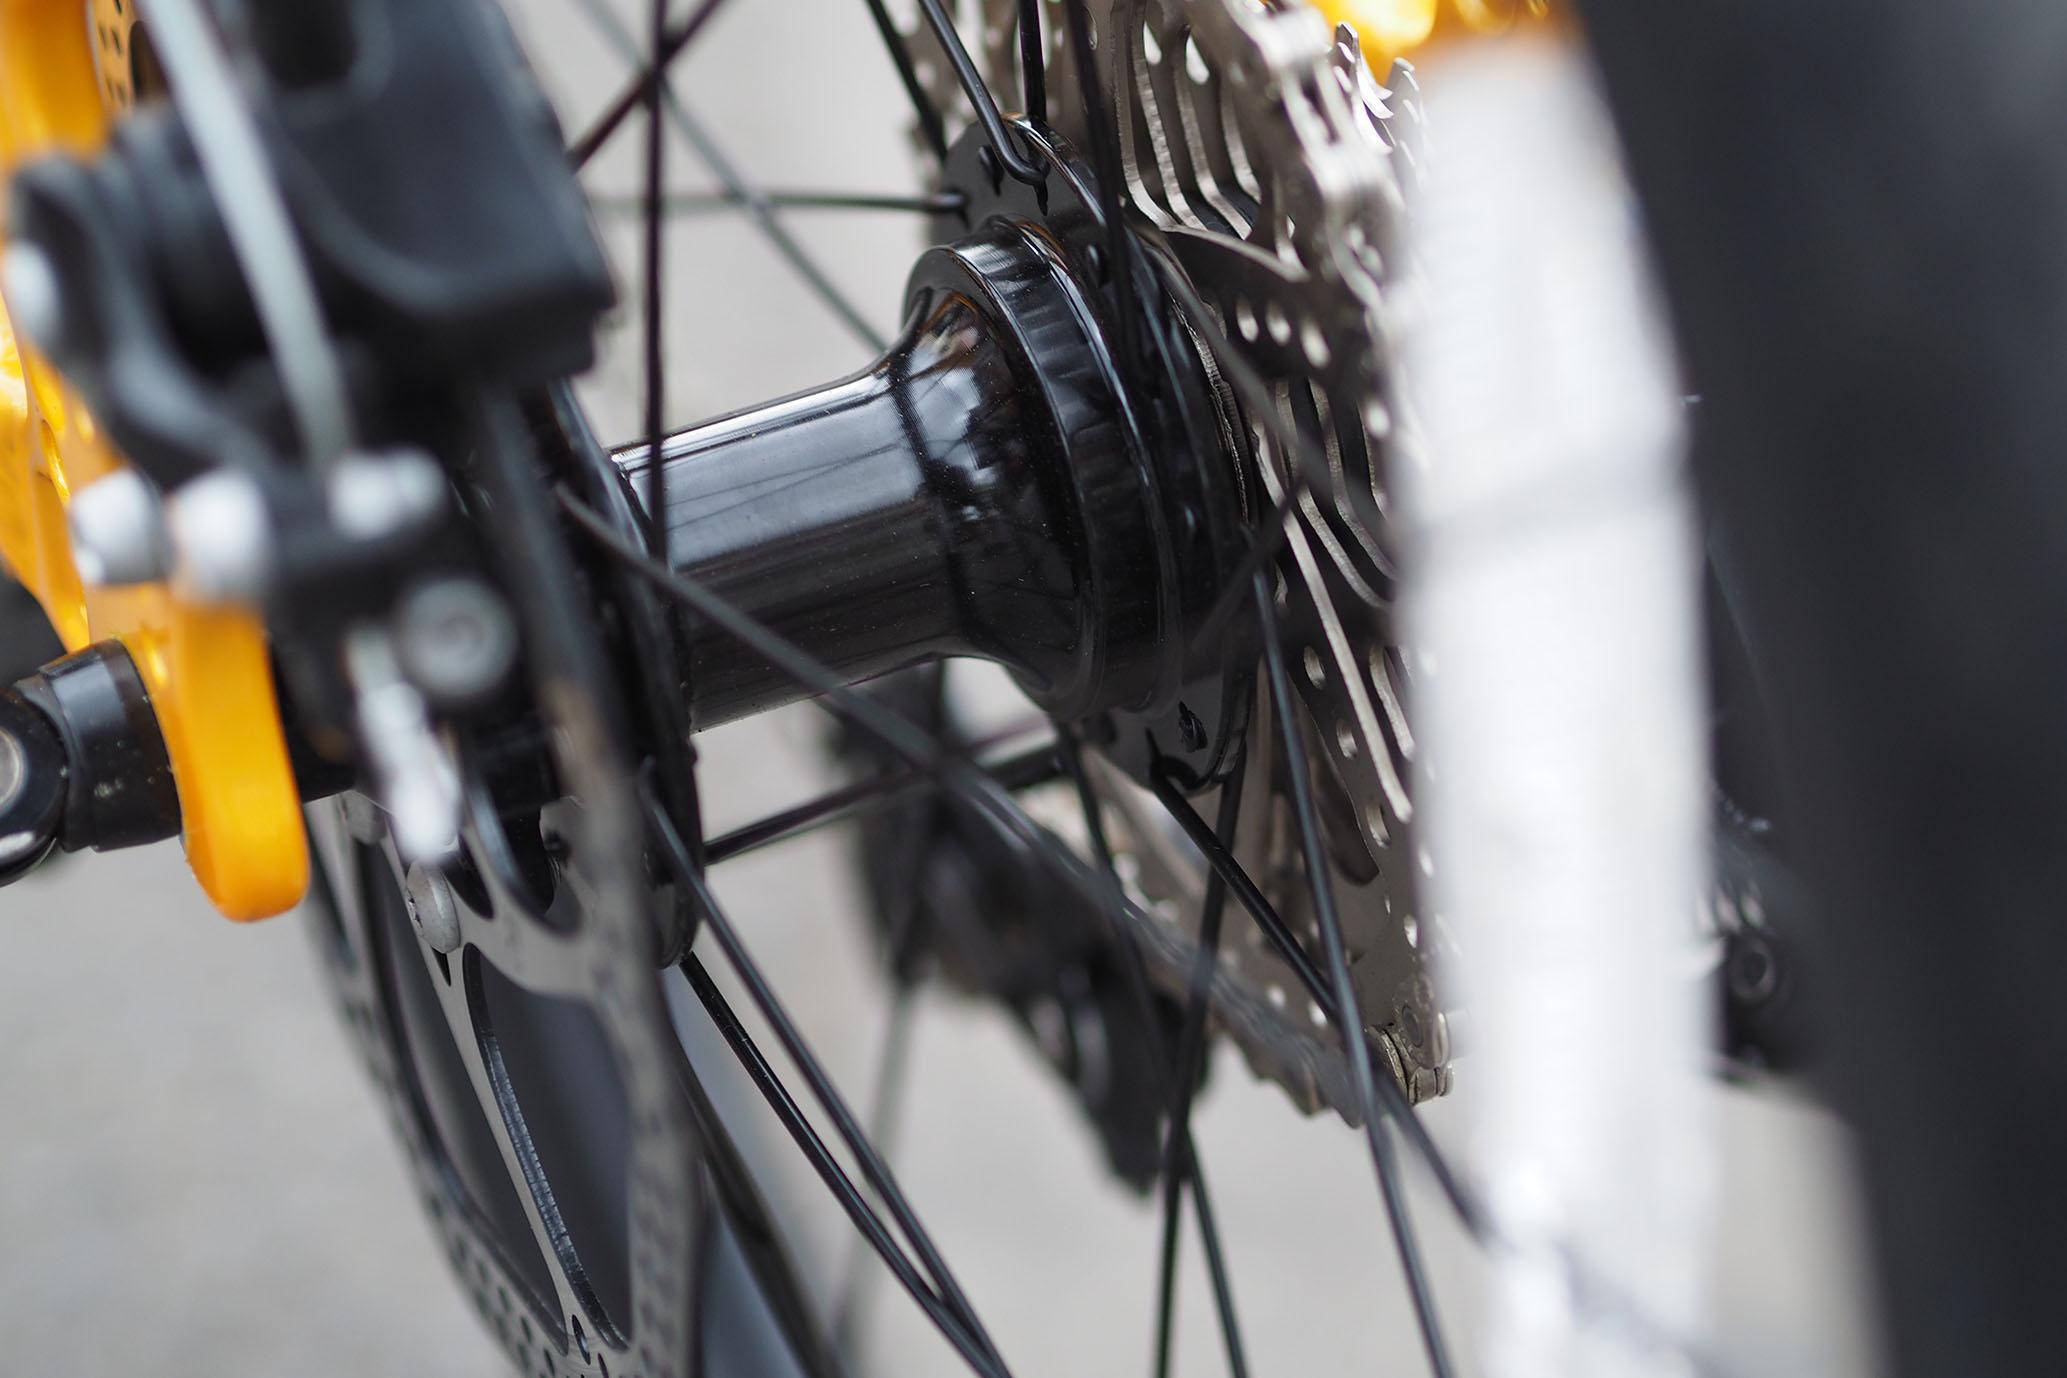 Trục bánh (moay - ơ) bạc đạn , vừa nhẹ vừa bon, giống như các xe đạp thể thao tốc độ (road bike)